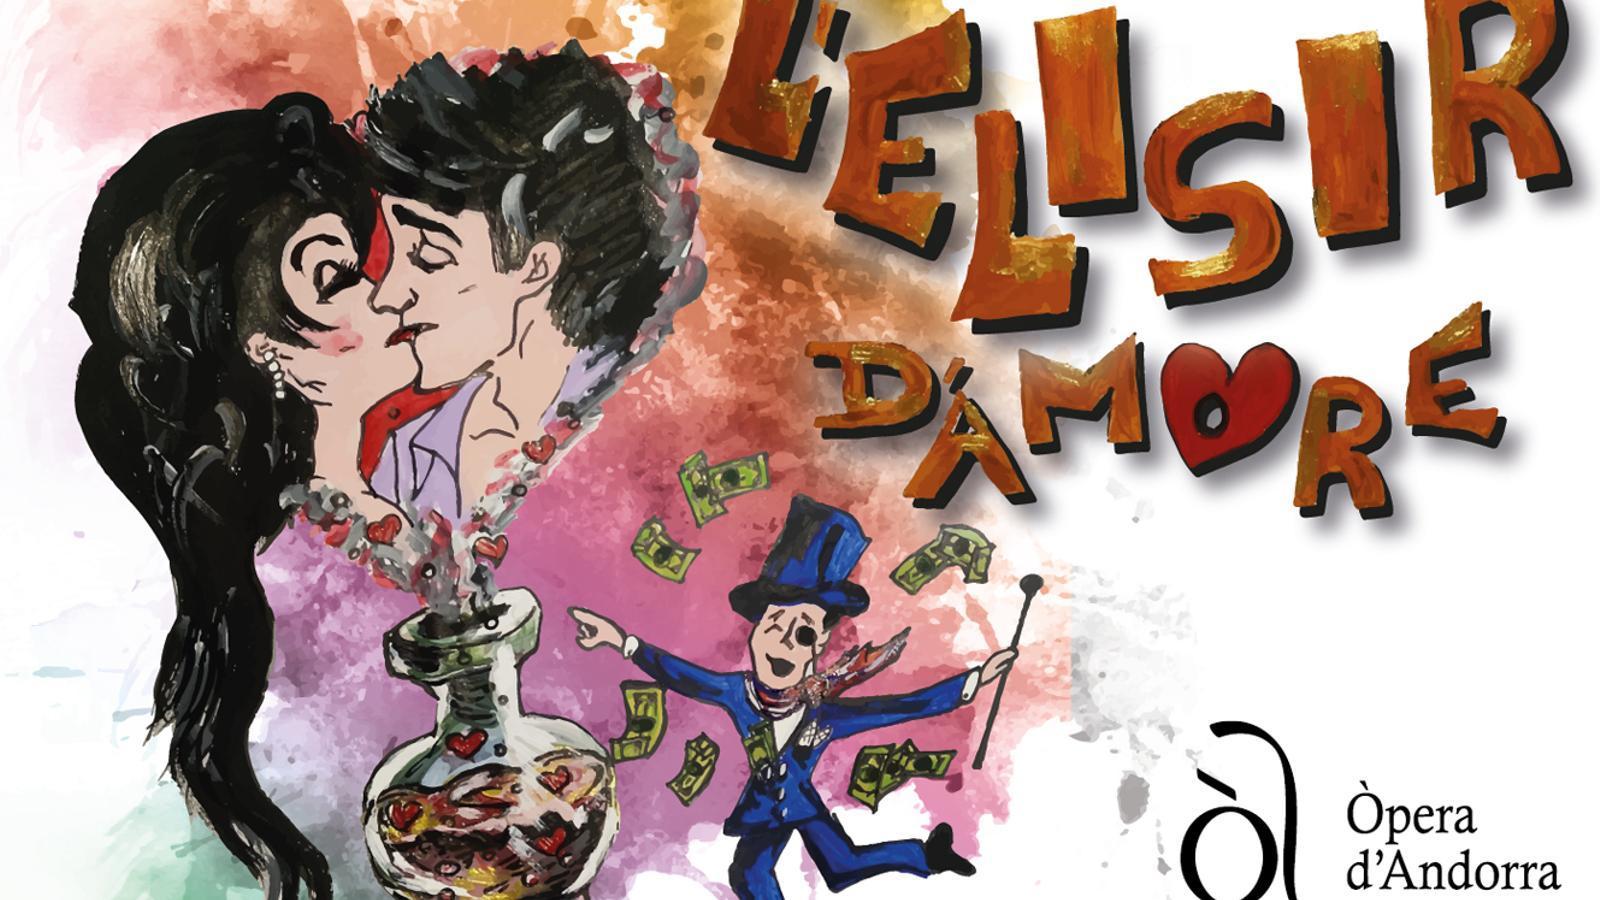 Imatge promocional de l'òpera 'L'elisir d'amore'. / ANDORRA LÍRICA